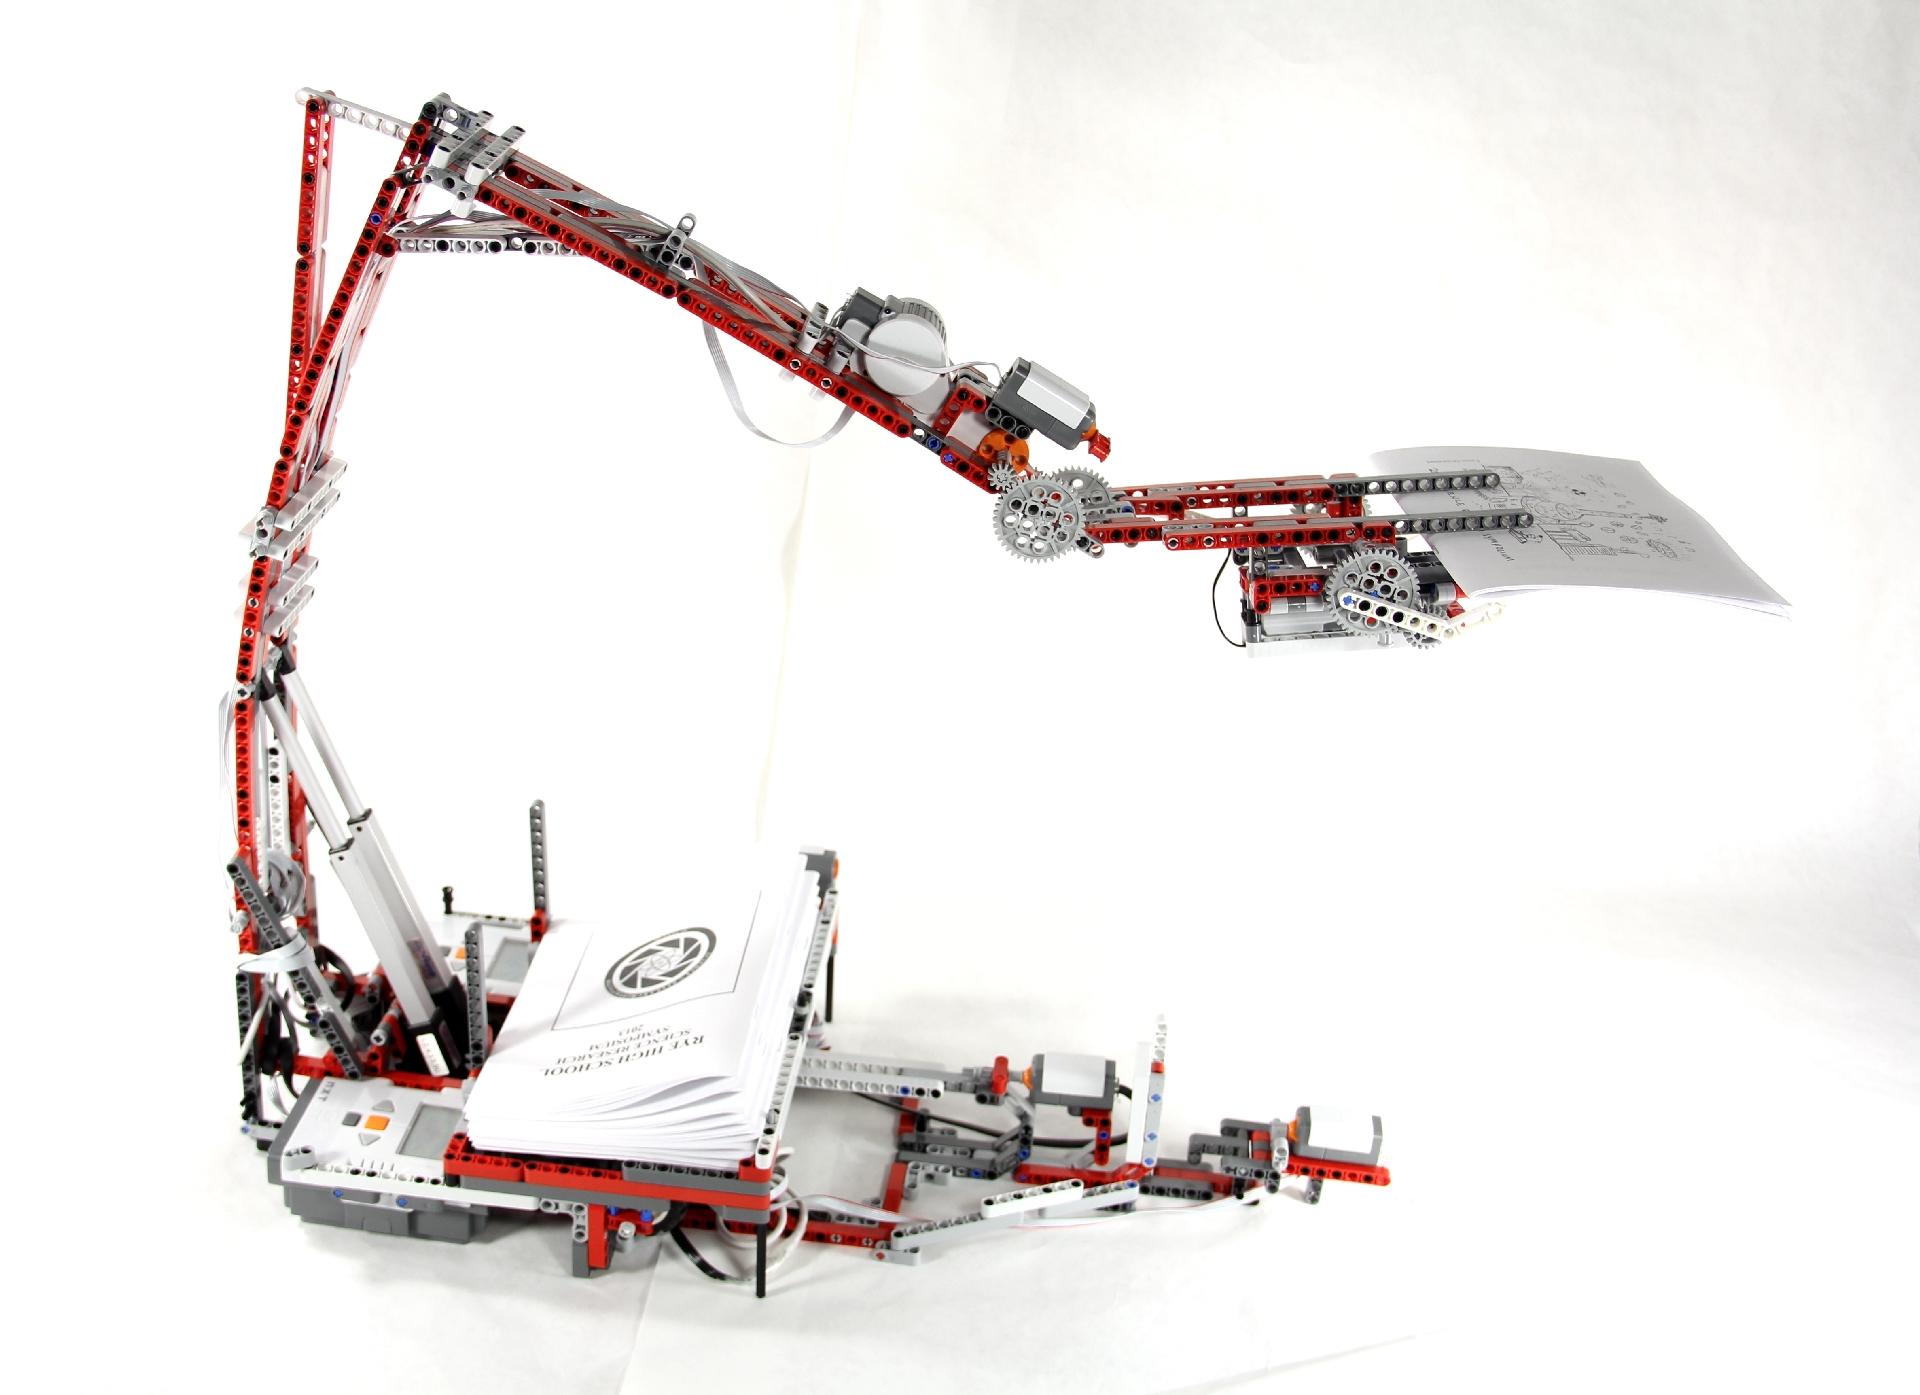 Flyer-Delivering Lego Robot